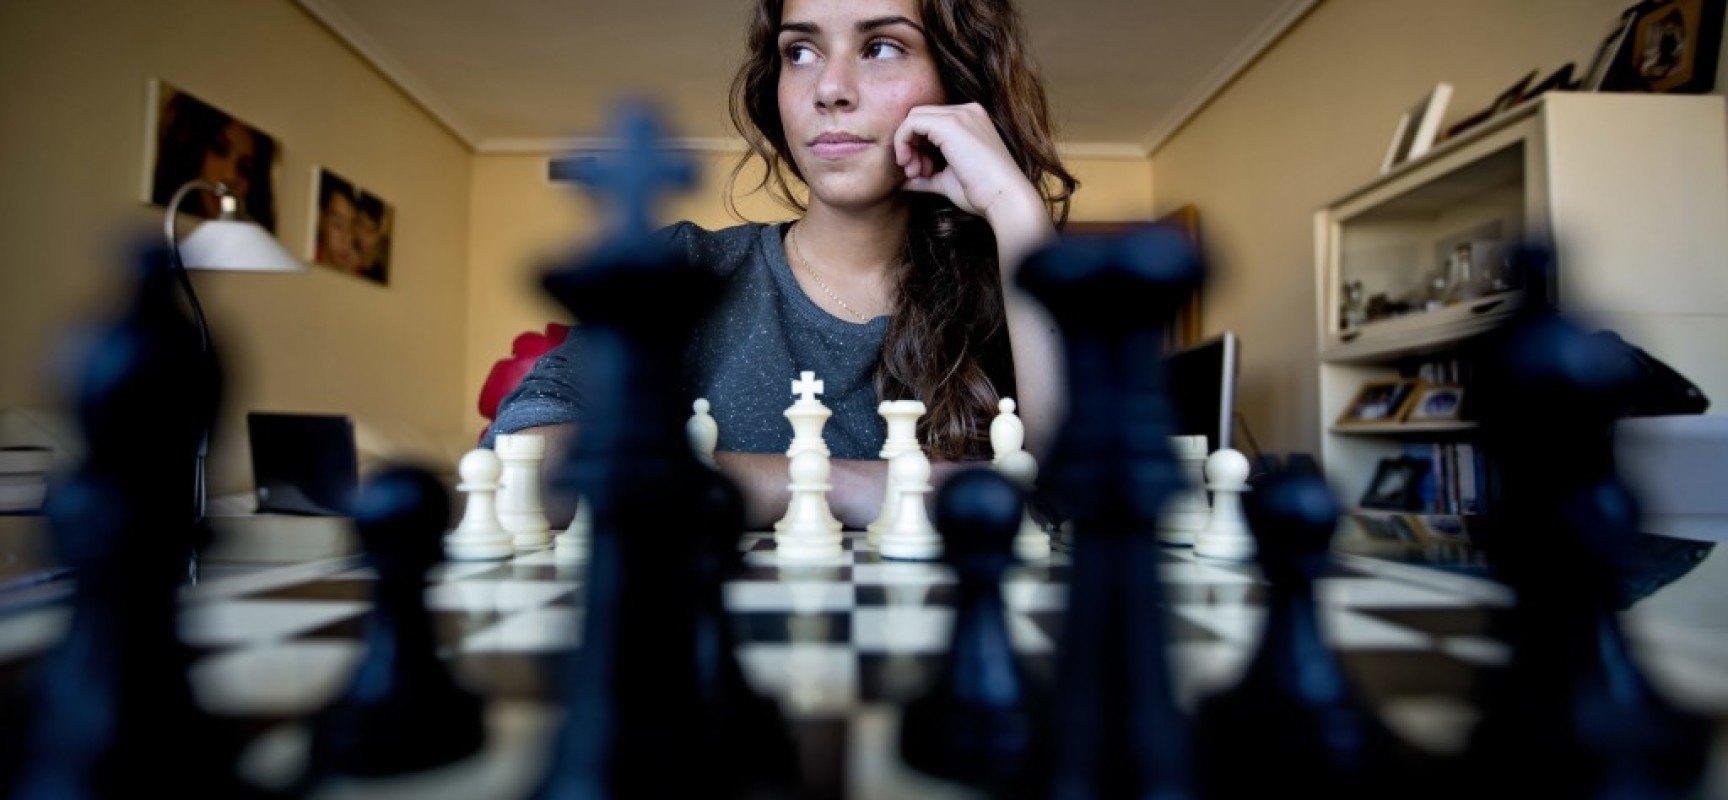 La mujer y el ajedrez, ¿un debate de género?